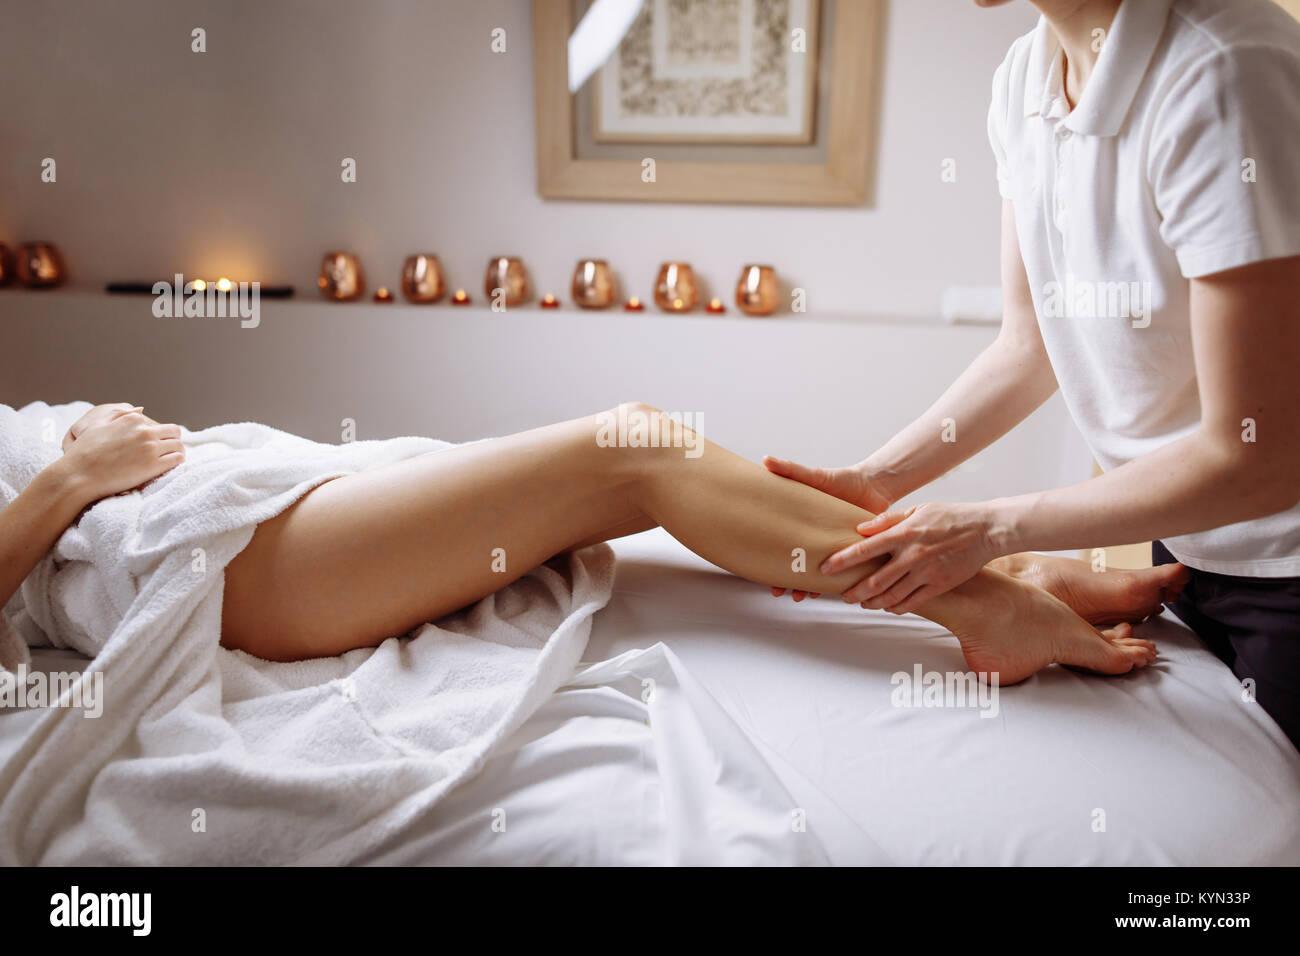 Hände massieren menschlichen Wadenmuskels. Therapeut Druck auf die Bein Stockbild